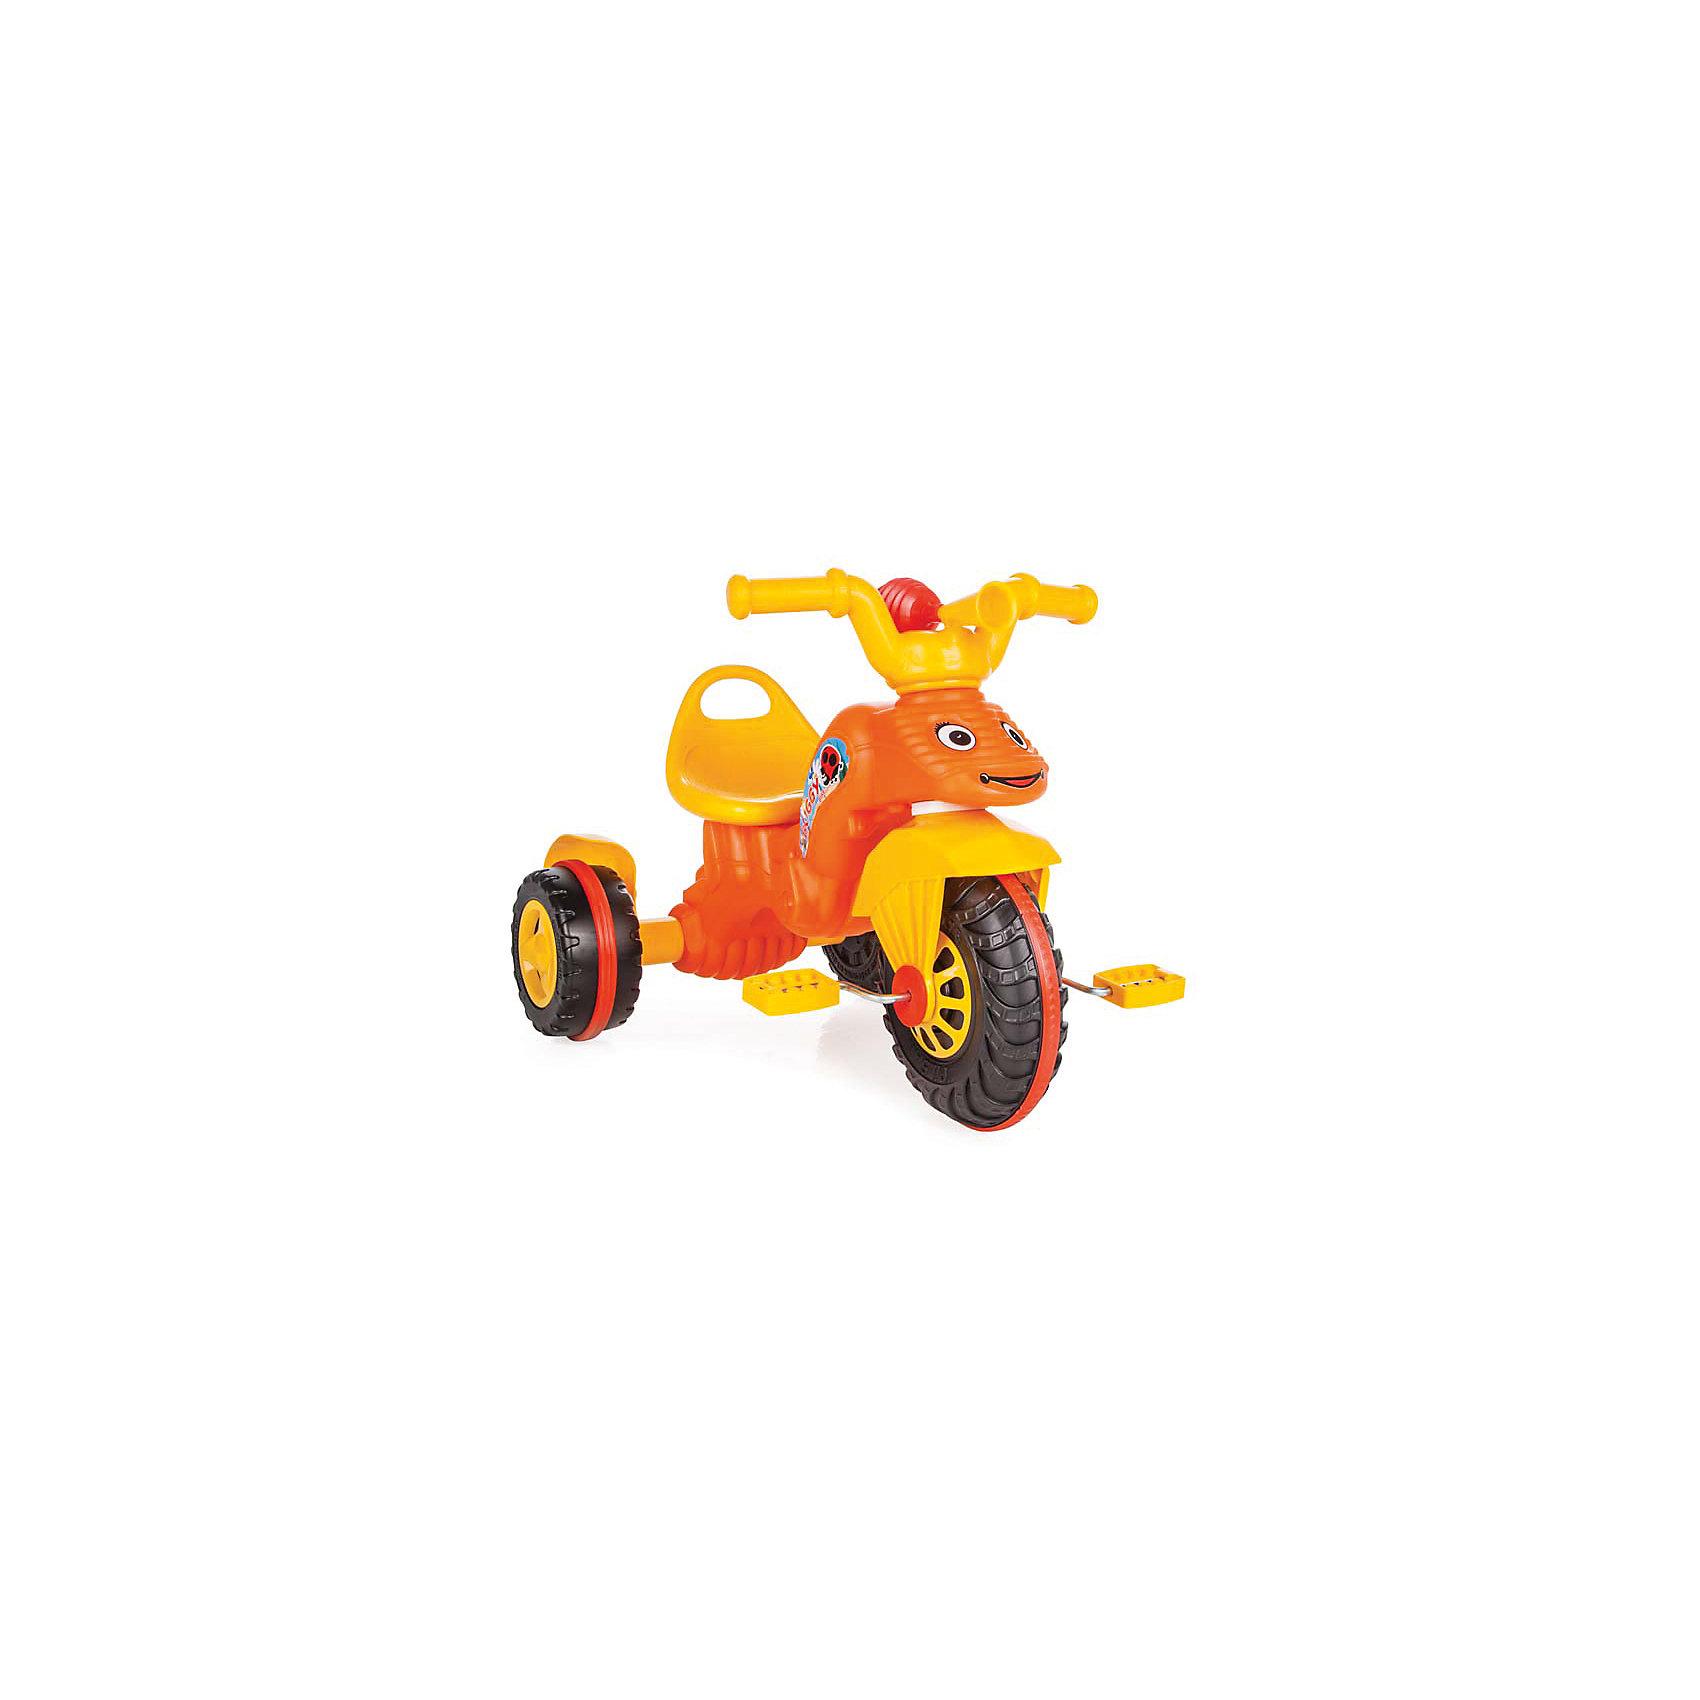 Велосипед BUNNY, PILSAN, оранжевыйВелосипеды детские<br>Характеристики товара:<br><br>• цвет: оранжевый<br>• возраст: от 3 лет<br>• удобное сиденье со спинкой<br>• специальное соединение колесной и рулевой базы<br>• устойчивые колеса<br>• ограничители на ручках<br>• оснащен клаксоном<br>• максимальная нагрузка: 50 кг<br>• материал: пластик<br>• размер упаковки: 50х70х48 см<br>• вес: 3,42 кг<br><br>BUNNY - трехколесный велосипед с ярким, эргономичным дизайном.<br><br>Сиденье со спинкой и ручки с ограничителями обеспечат комфорт во время поездки. <br><br>Устойчивые колеса справятся с неровной поверхностью. Велосипед оснащен клаксоном.<br><br>Игра способствует физическому развитию, развитию координации и опорно-двигательного аппарата.<br><br>Велосипед BUNNY в пакете, PILSAN (Пилсан) можно купить в нашем интернет-магазине.<br><br>Ширина мм: 480<br>Глубина мм: 700<br>Высота мм: 500<br>Вес г: 3420<br>Возраст от месяцев: 36<br>Возраст до месяцев: 84<br>Пол: Унисекс<br>Возраст: Детский<br>SKU: 5512051